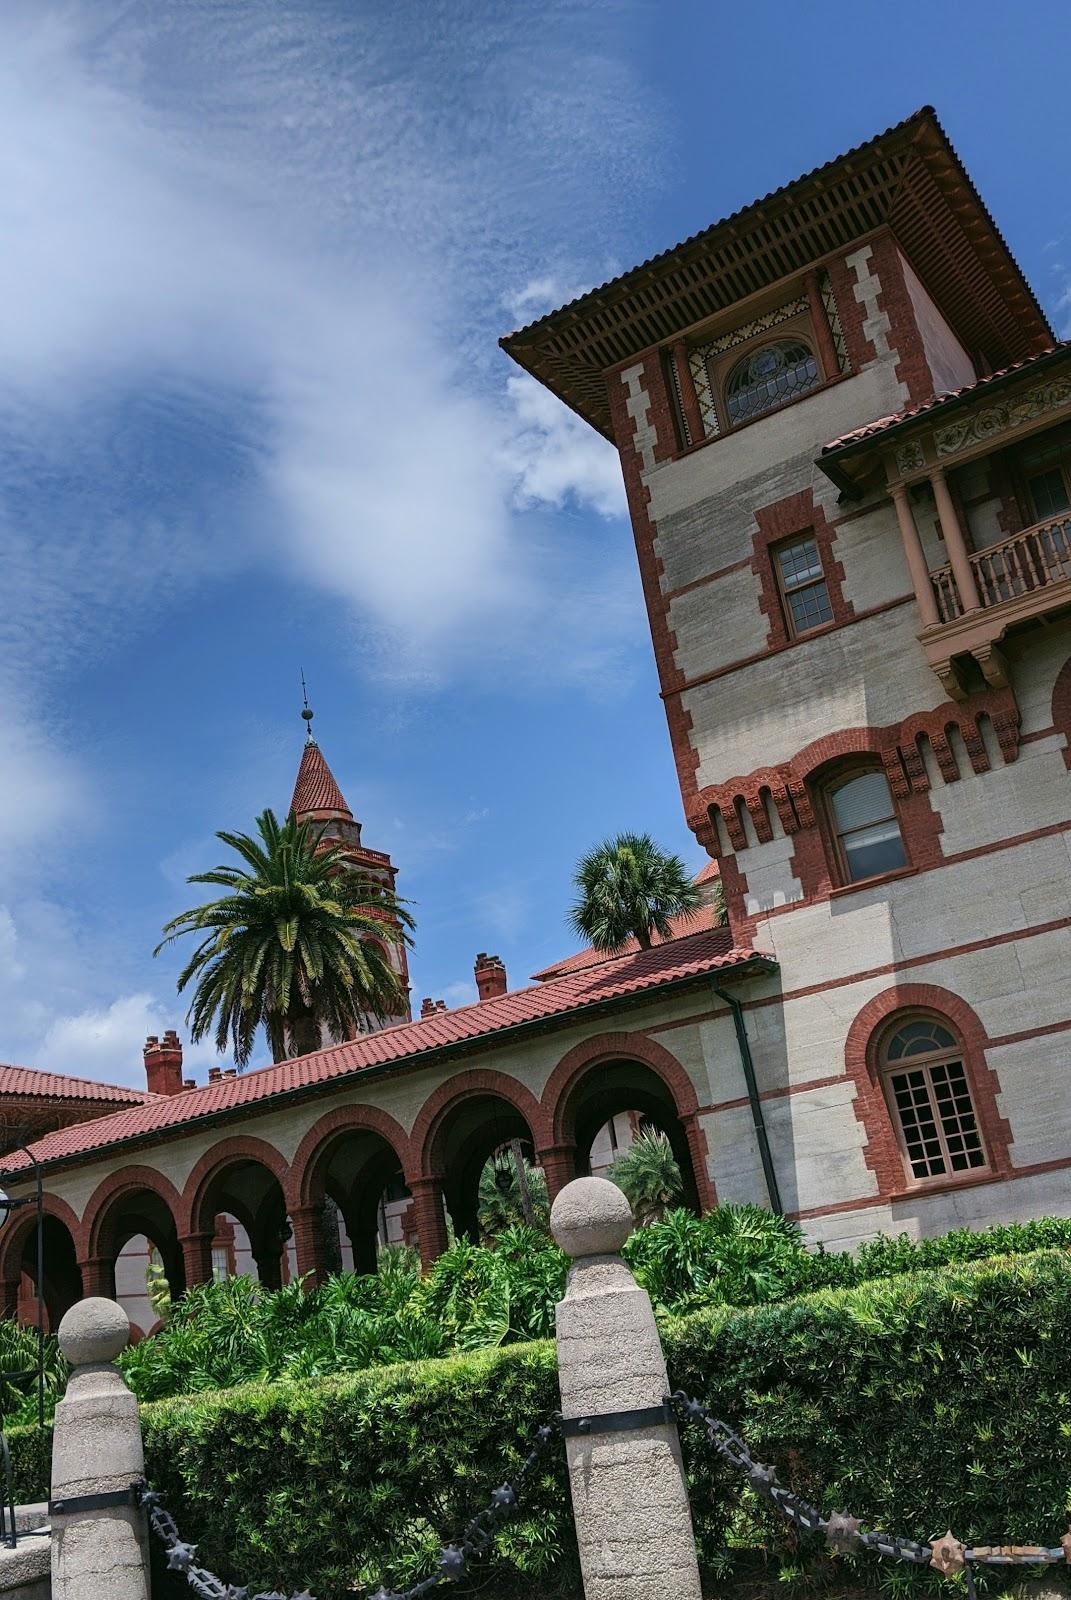 סיינט אוגוסטין העיר הראשונה בארצות הברית מקומות היסטוריים תרבותיים בפלורידה